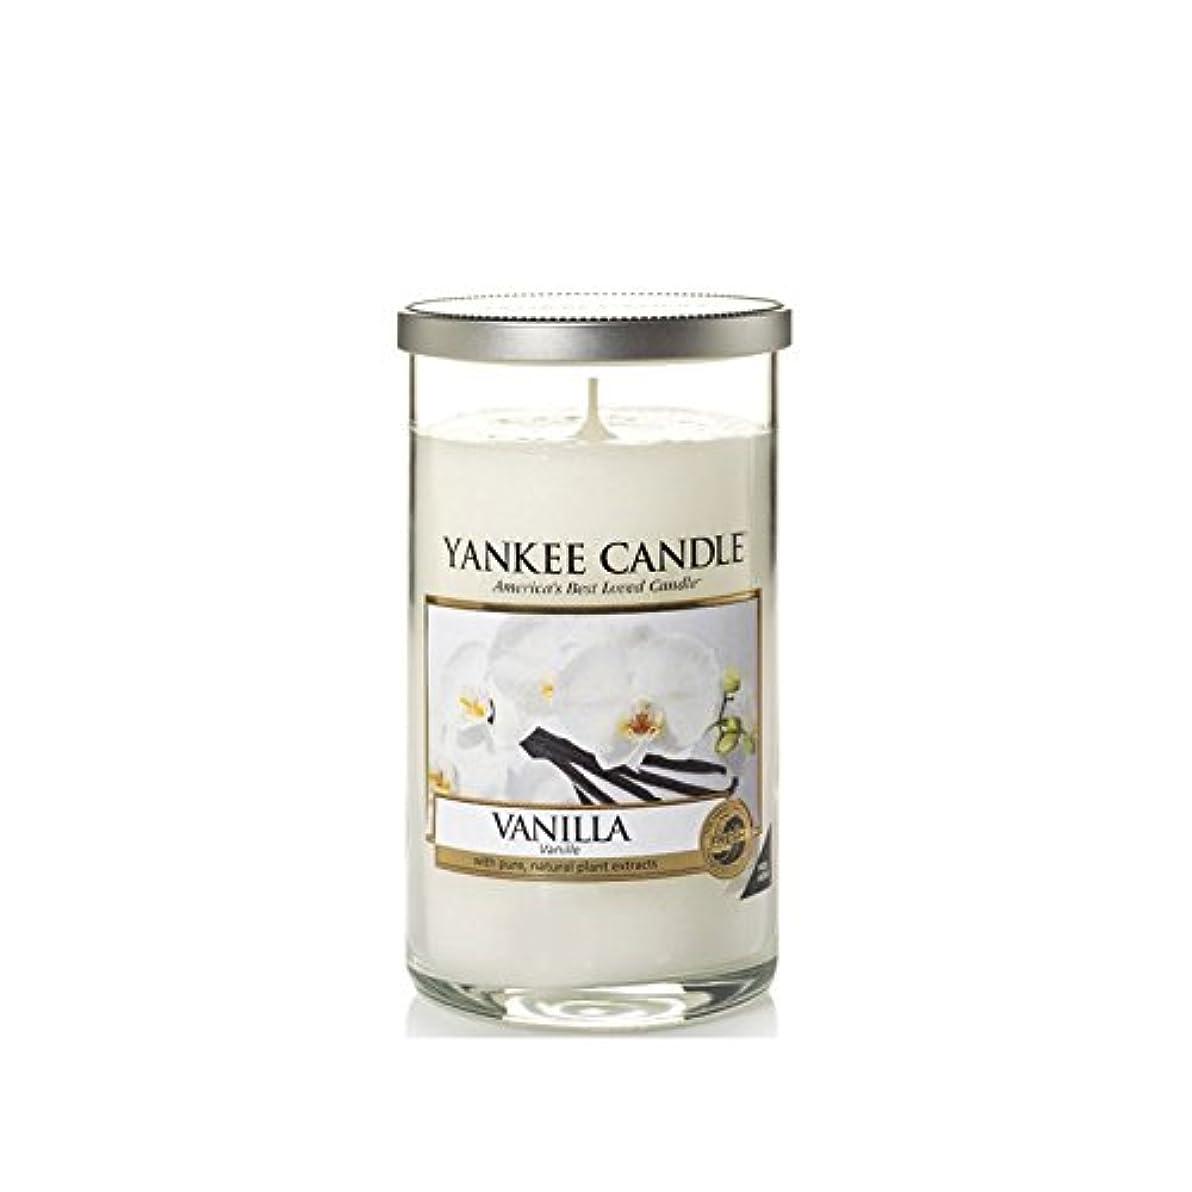 マトリックス福祉意欲Yankee Candles Medium Pillar Candle - Vanilla (Pack of 6) - ヤンキーキャンドルメディアピラーキャンドル - バニラ (x6) [並行輸入品]